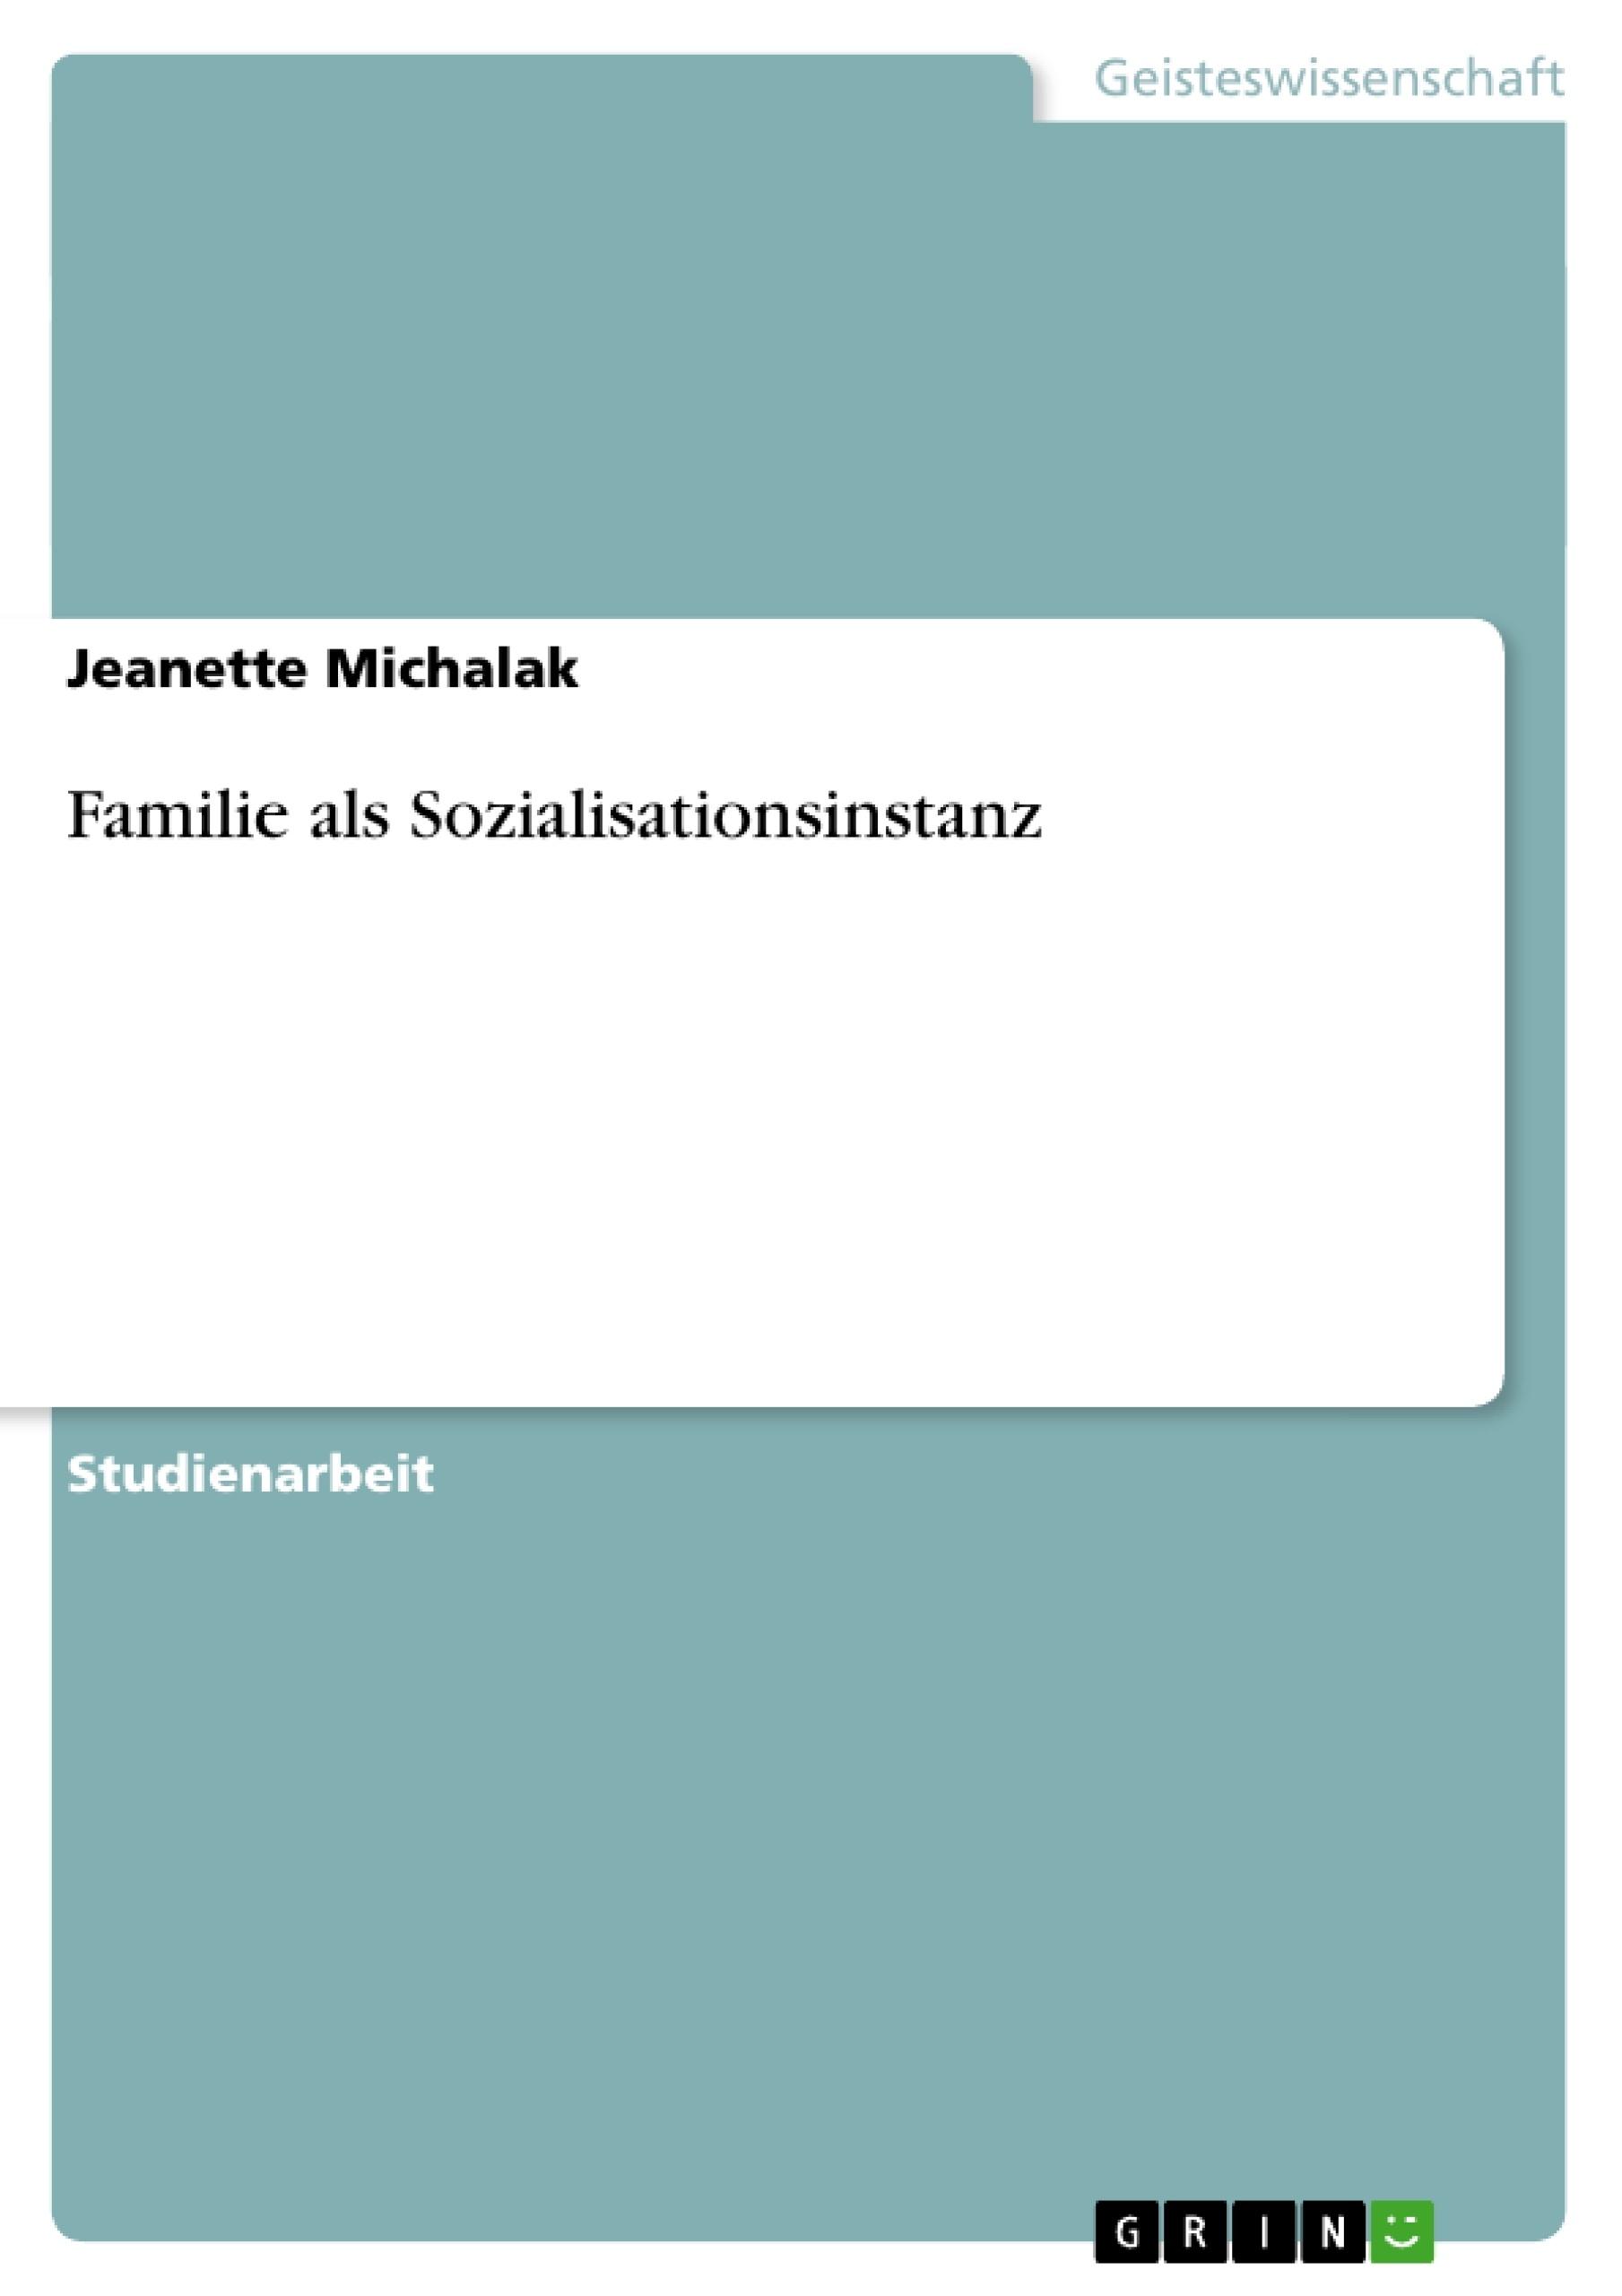 Titel: Familie als Sozialisationsinstanz